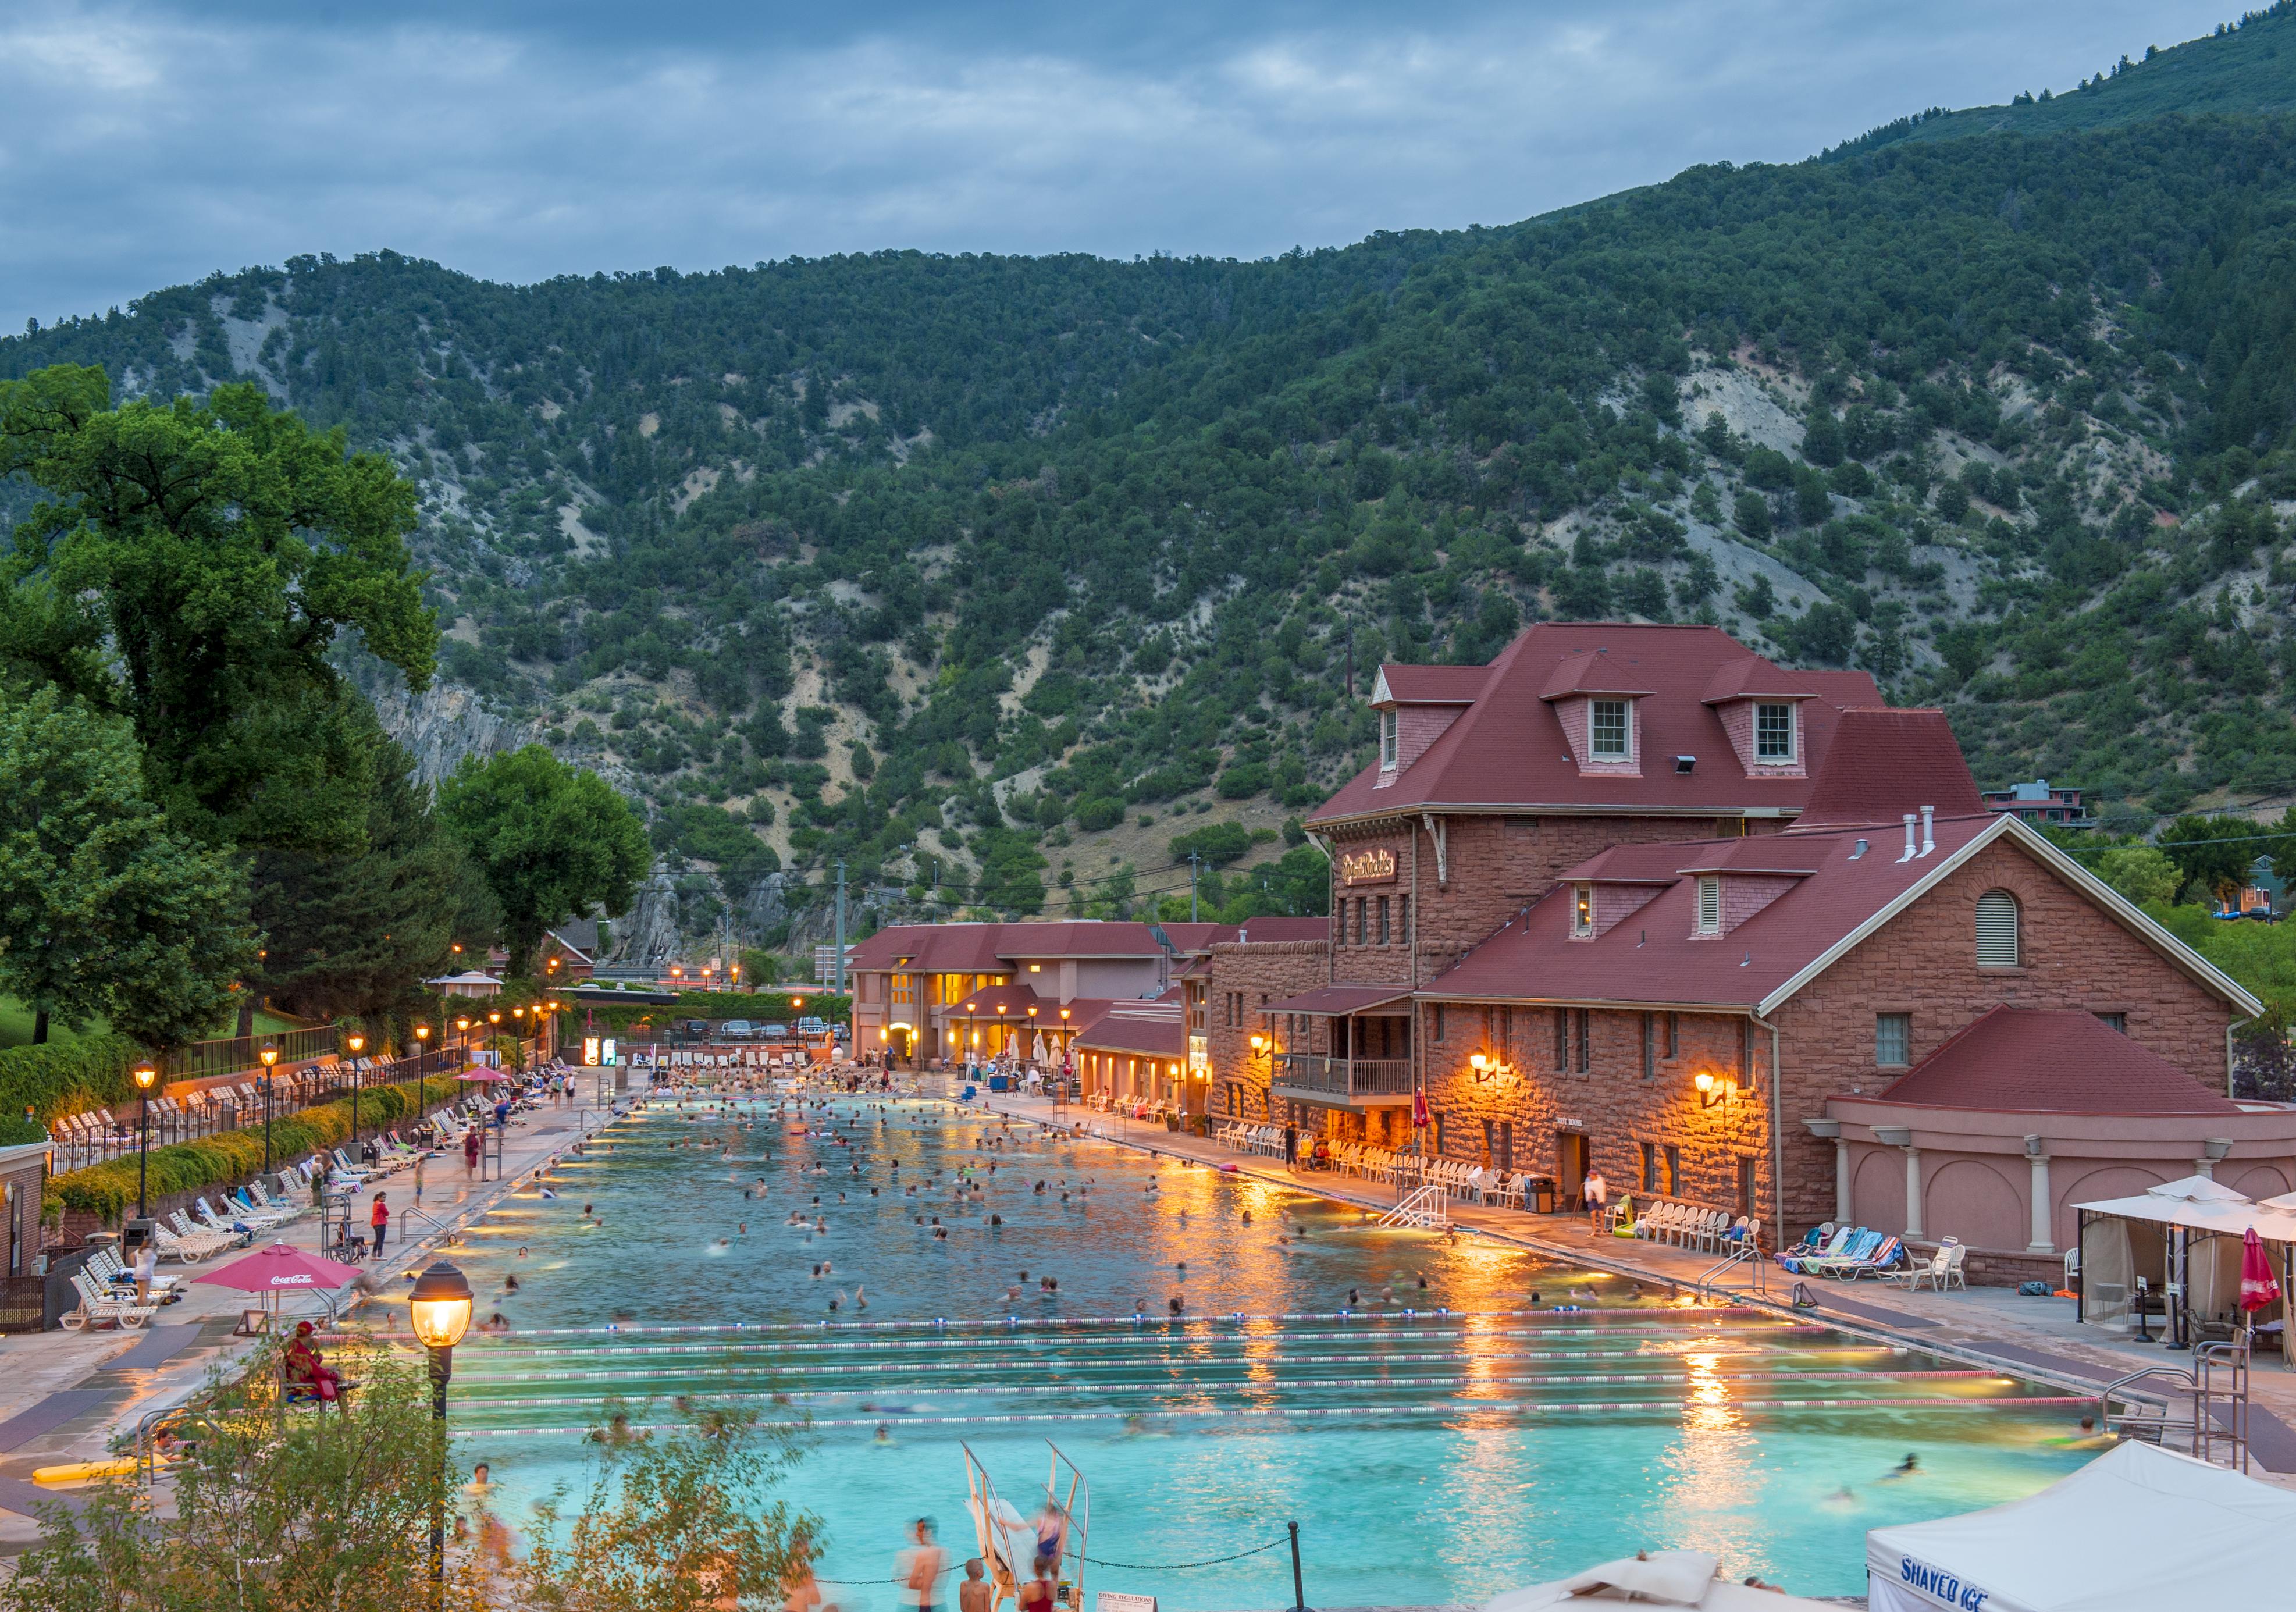 Best Spa Hotel In Hot Springs Ar